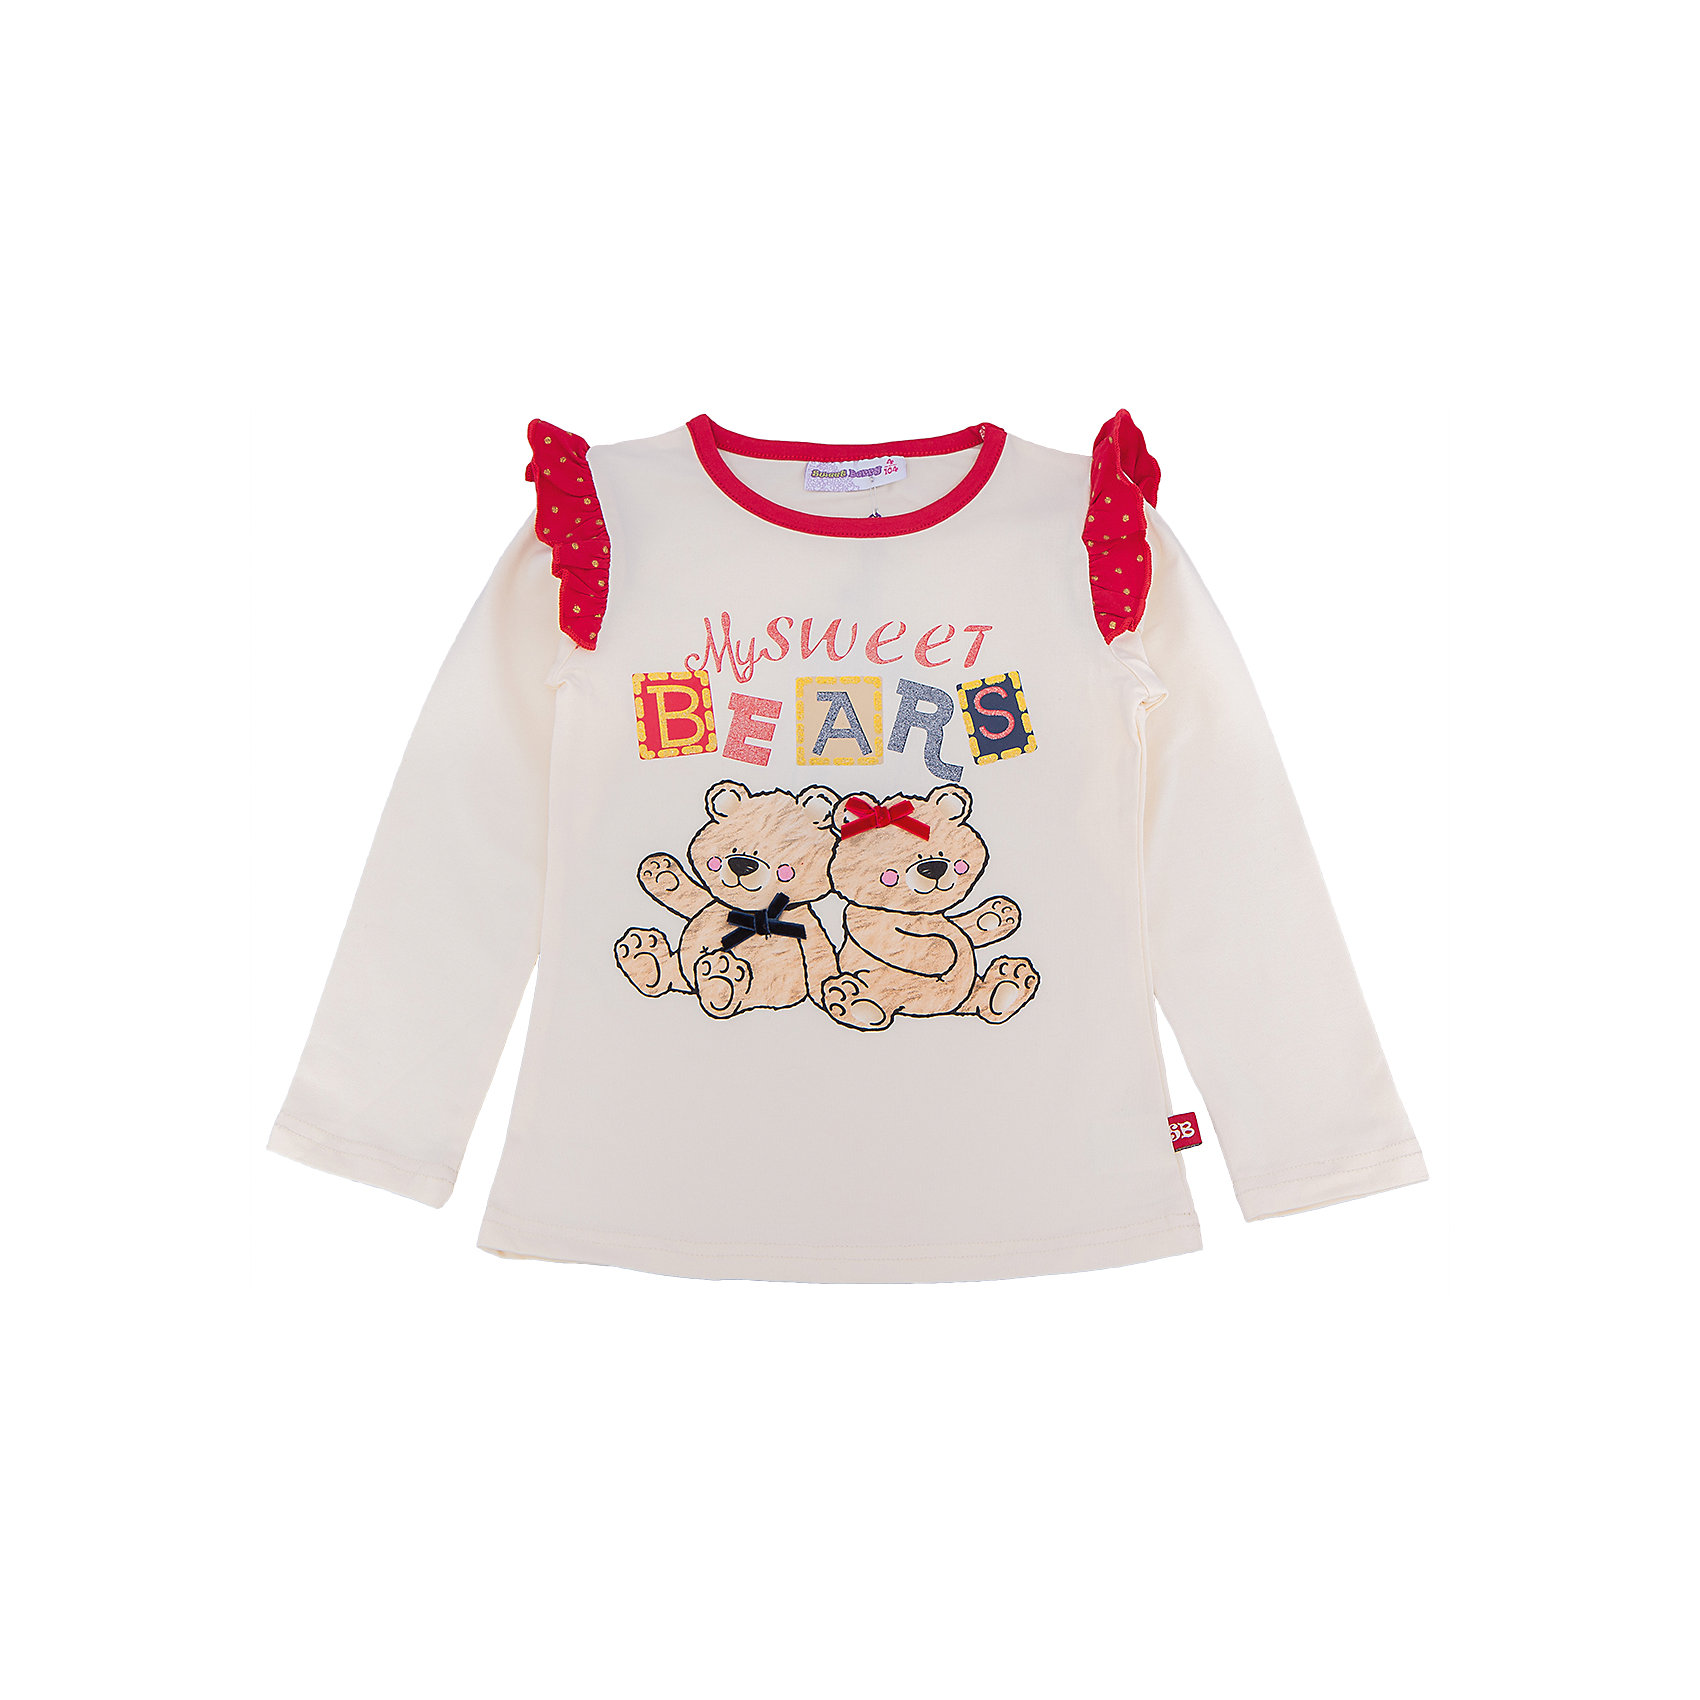 Футболка с длинным рукавом для девочки Sweet BerryФутболка с длинным рукавом – стильная и удобная вещь, которая способна одновременно создать стильный образ и защитить от осенних холодов маленького ребенка. Воланы на рукавах контрастного материала – особенность модели из новой коллекции. Насыщенный цвет, не теряющий сочность со временем, приятная к телу ткань и модный принт образуют уникальную футболку для девочки. Универсальный крой поможет создать множество образов. Материалы, использованные при изготовлении одежды, полностью безопасны для детей и отвечают всем требованиям по качеству продукции данной категории.<br><br>Дополнительная информация: <br><br>воланы на плечах;<br>модный принт;<br>прямой силуэт;<br>цвет: бежевый;<br>материал: хлопок 95%, эластан 5%.<br><br>Футболку с длинным рукавом от компании Sweet Berry можно приобрести в нашем магазине.<br><br>Ширина мм: 230<br>Глубина мм: 40<br>Высота мм: 220<br>Вес г: 250<br>Цвет: бежевый<br>Возраст от месяцев: 24<br>Возраст до месяцев: 36<br>Пол: Женский<br>Возраст: Детский<br>Размер: 98,104,110,116,122,128<br>SKU: 4932152